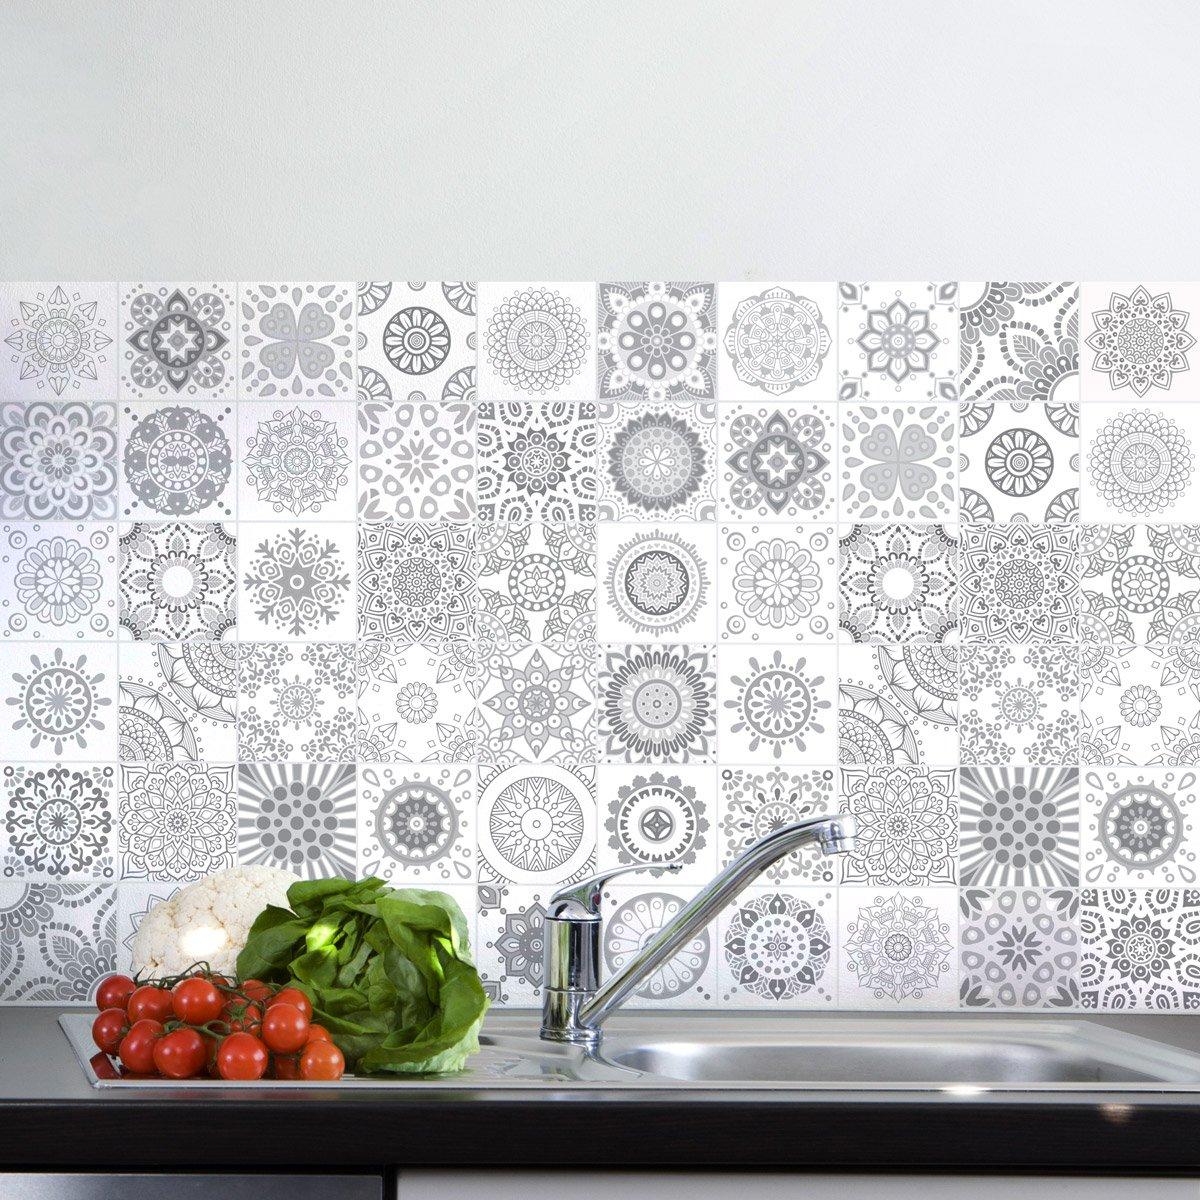 Stickers faience cuisine carreaux de 100 images for Carreaux de faience pour cuisine